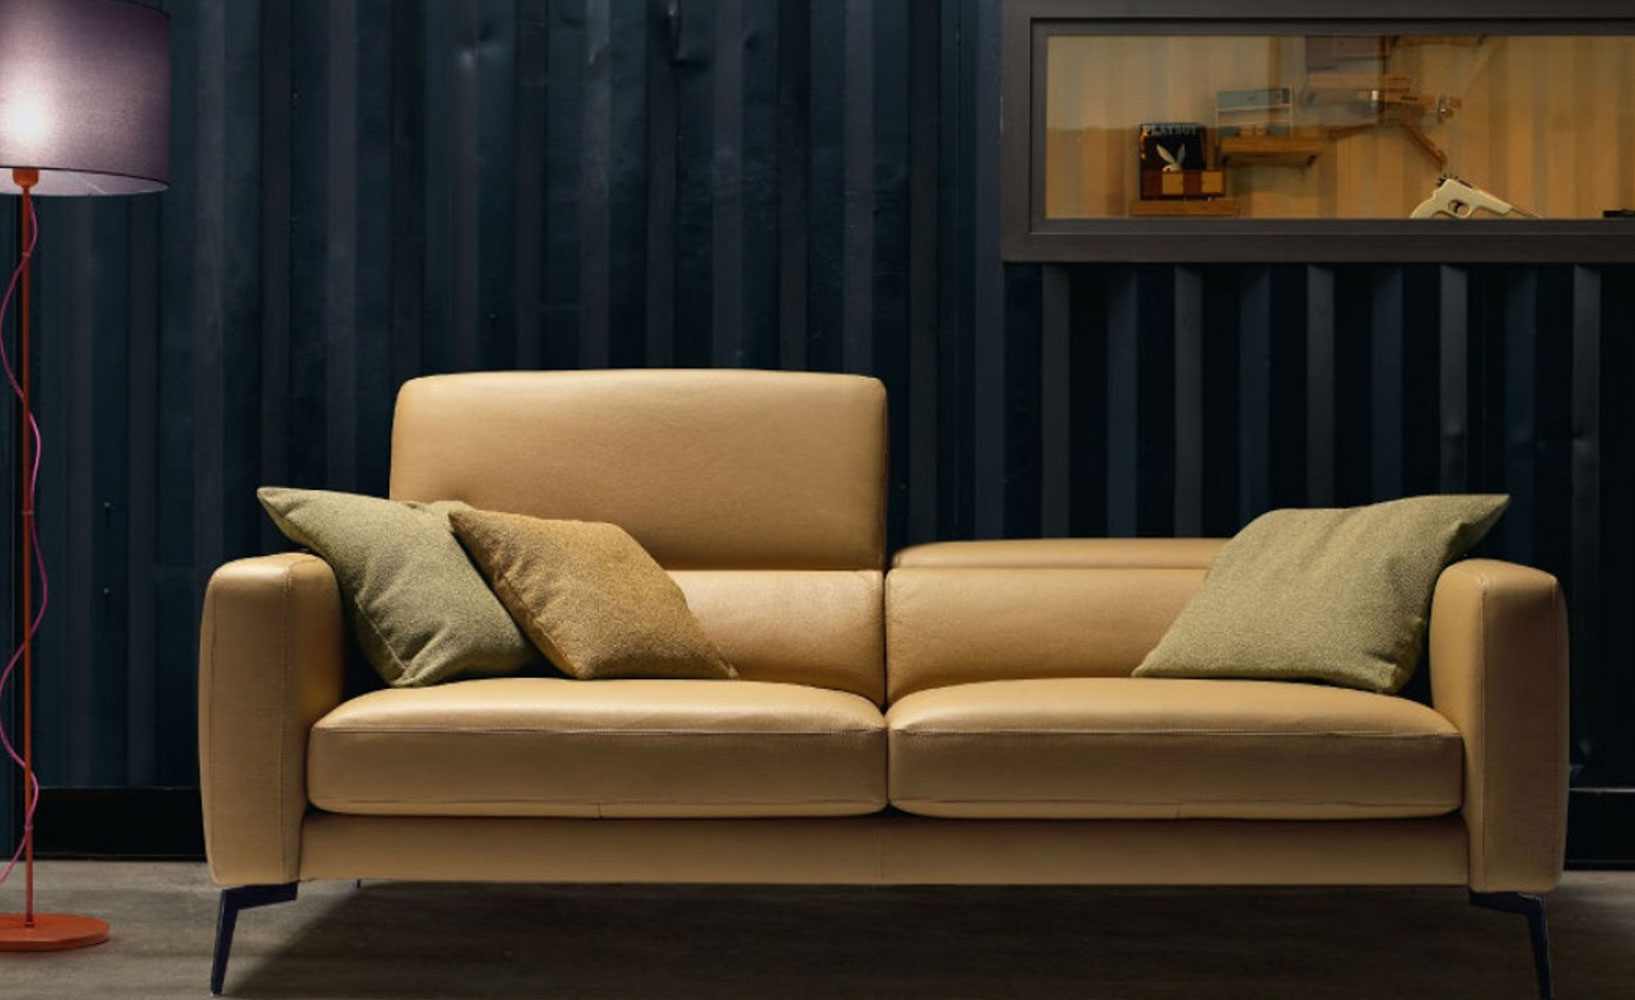 AuBergewohnlich Eleganz In Wohnzimmer Und Büro Mit Italienischem Design